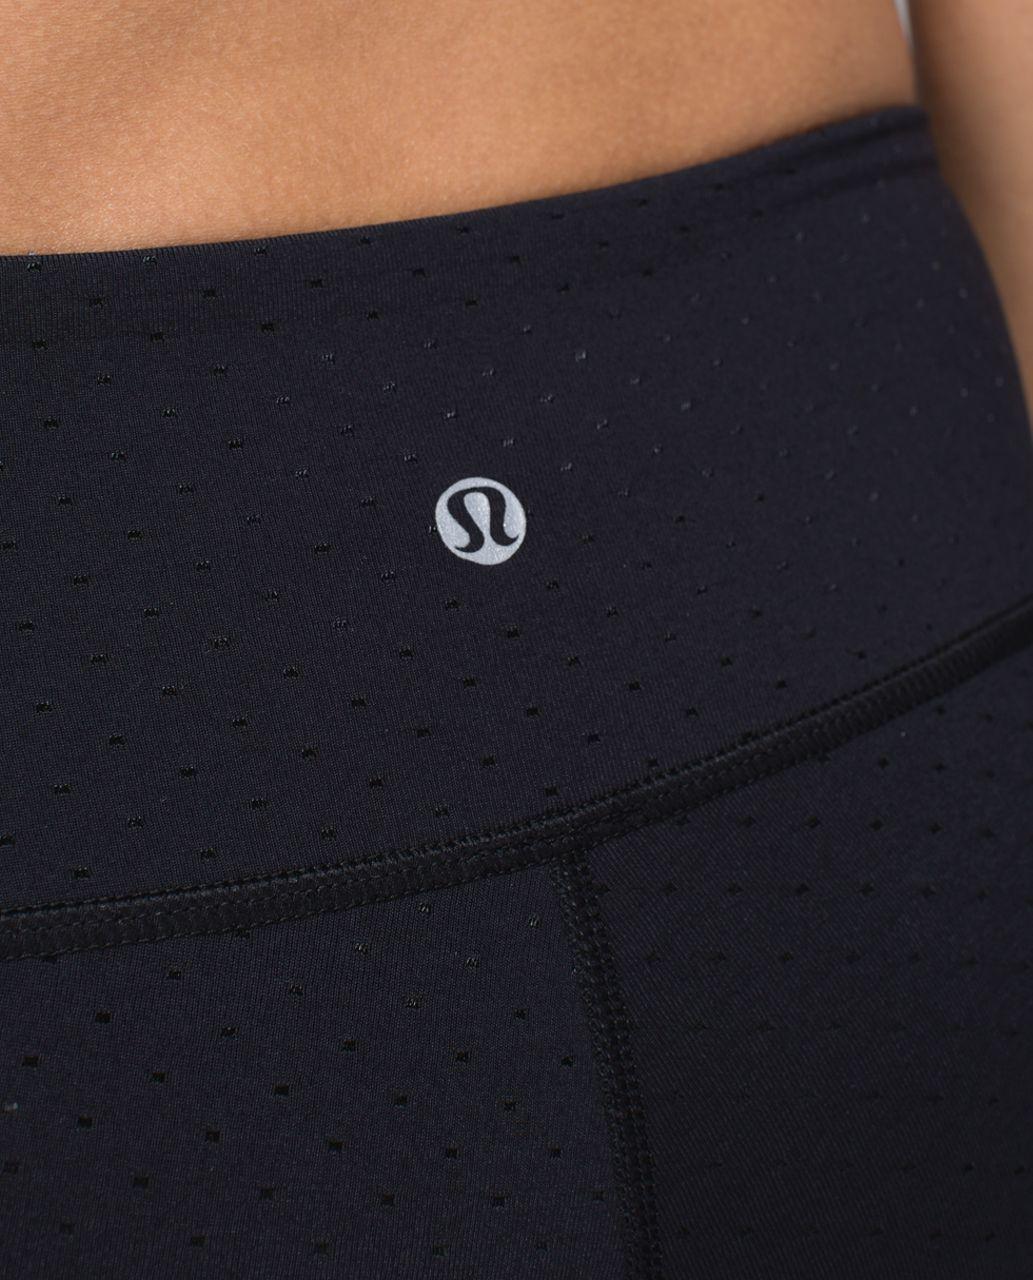 Lululemon Wunder Under Pant *Full-On Luon (Print) - Shine Dot Black